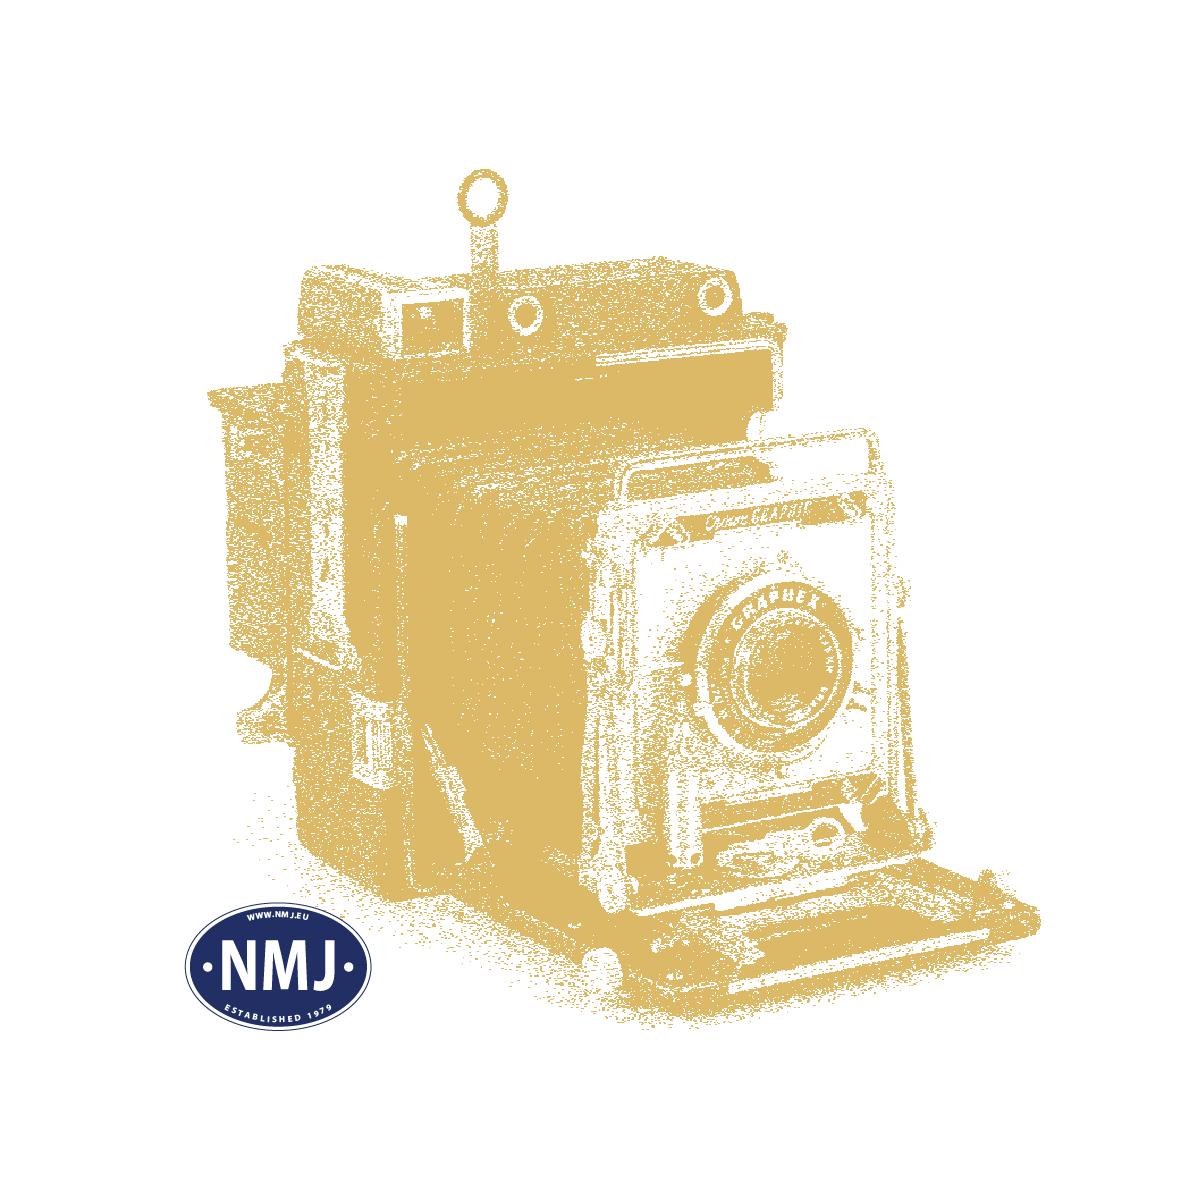 JOS19004 - Redskapsskur / kolonihage, Laser-cut